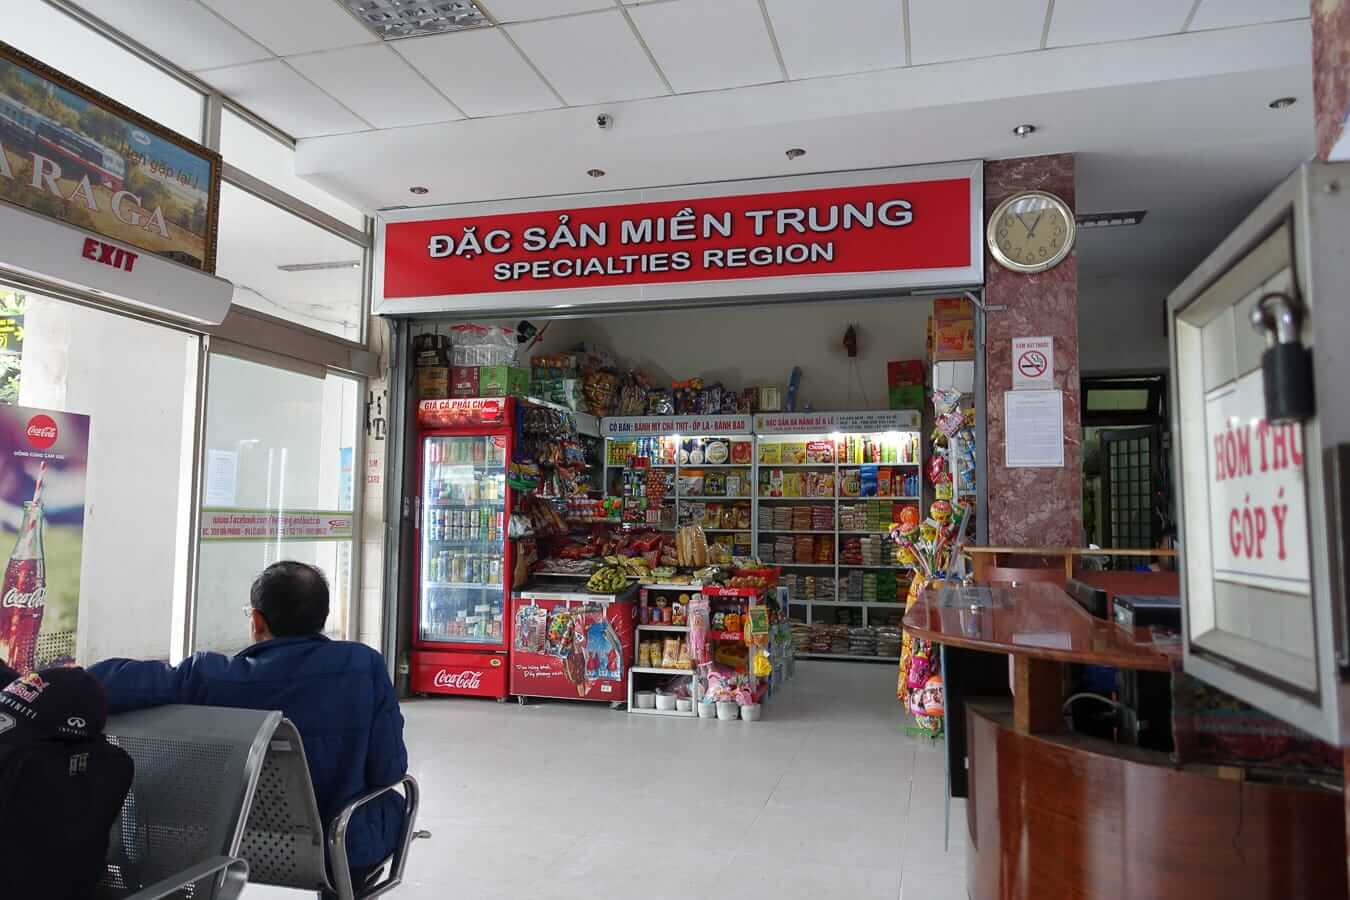 Da Nang Train Station snack stall